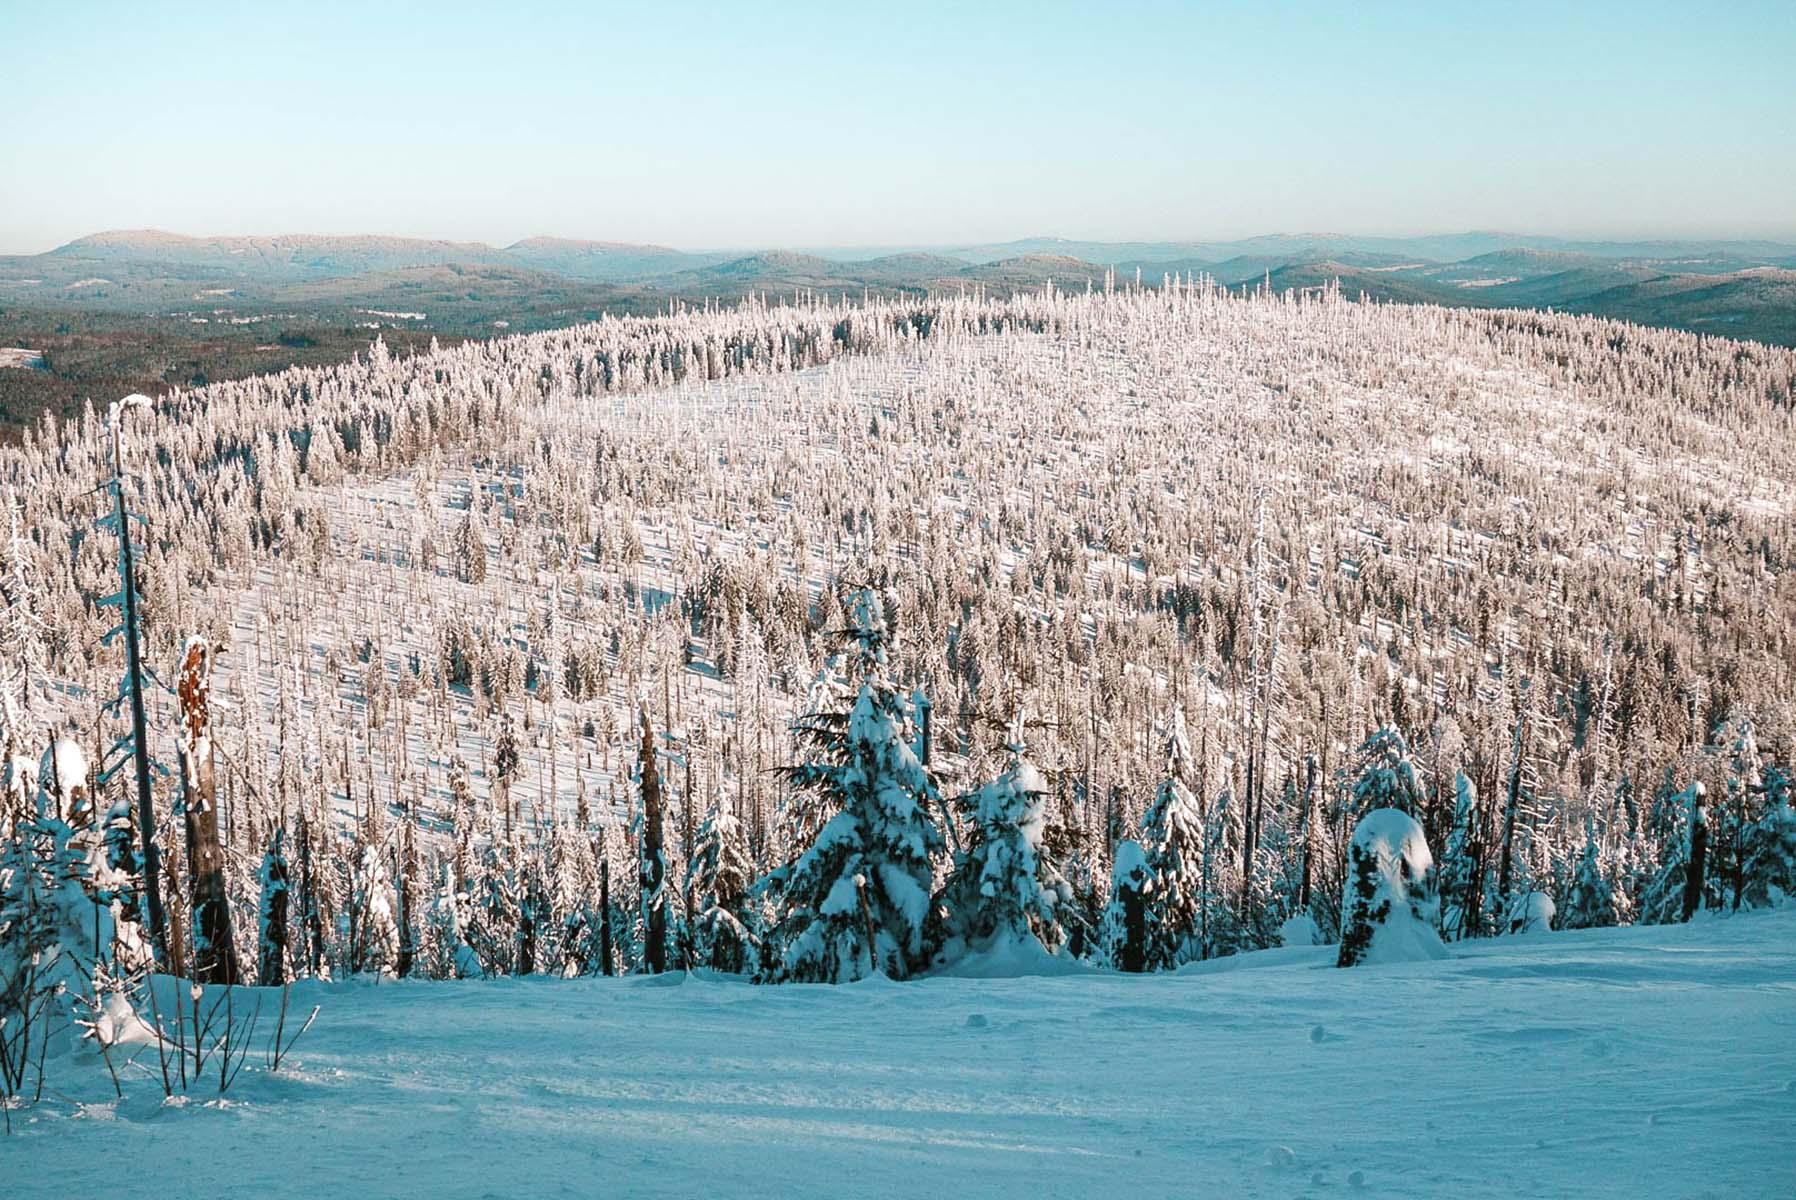 winterwanderung-lusen-winter-baume-schnee-07